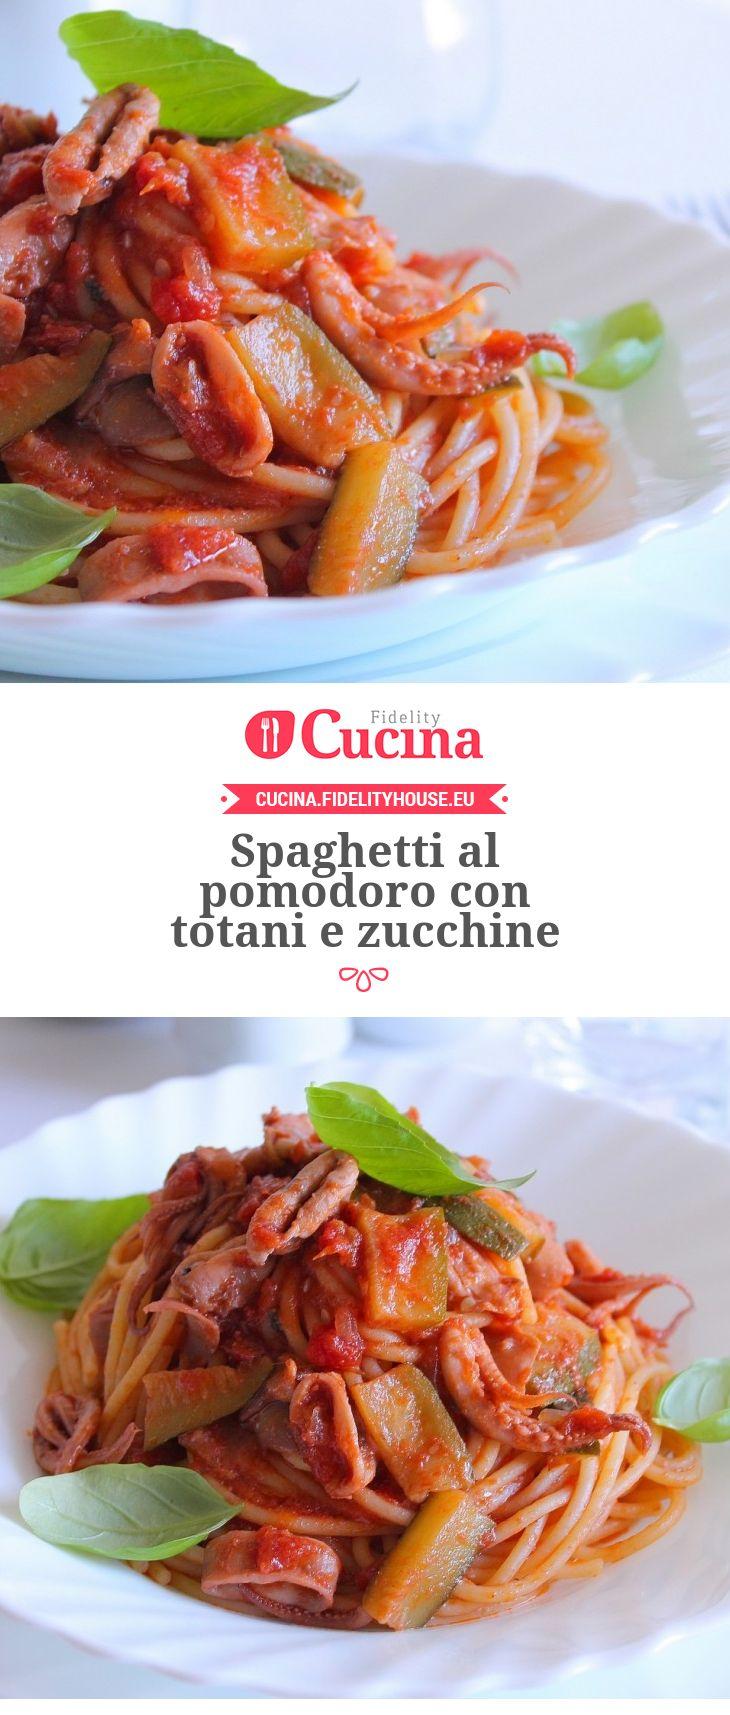 #Spaghetti al #pomodoro con totani e #zucchine